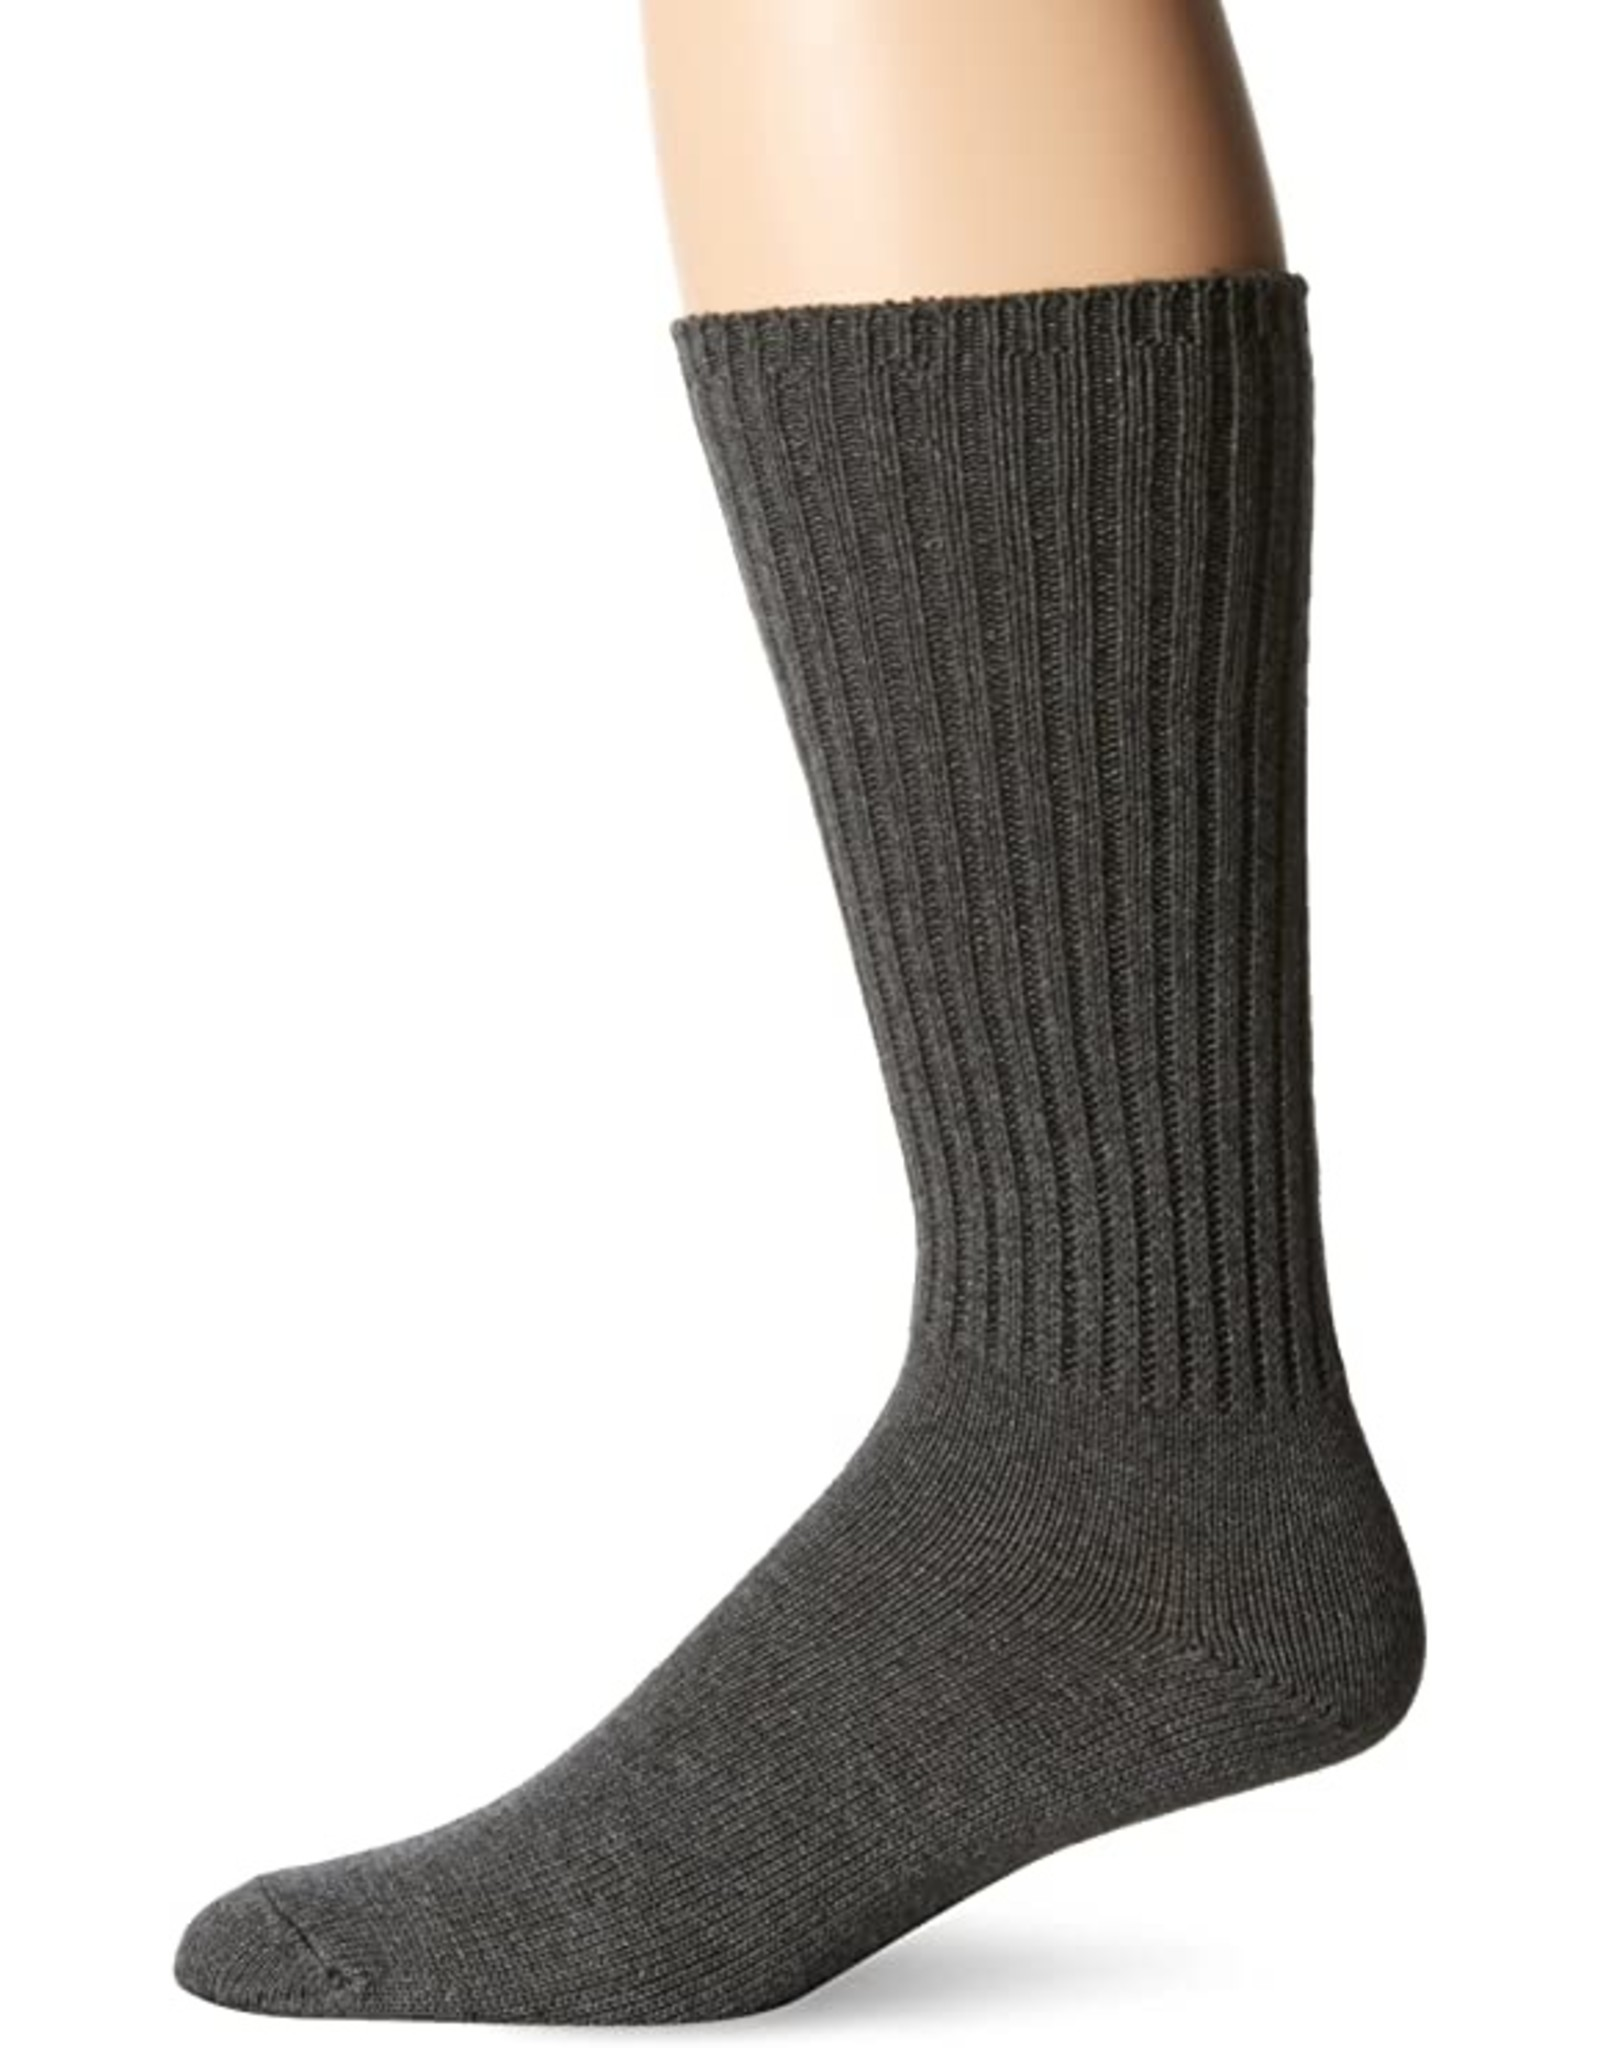 McGregor Socks Men's Weekender Cotton Classic -  Dark grey Heather